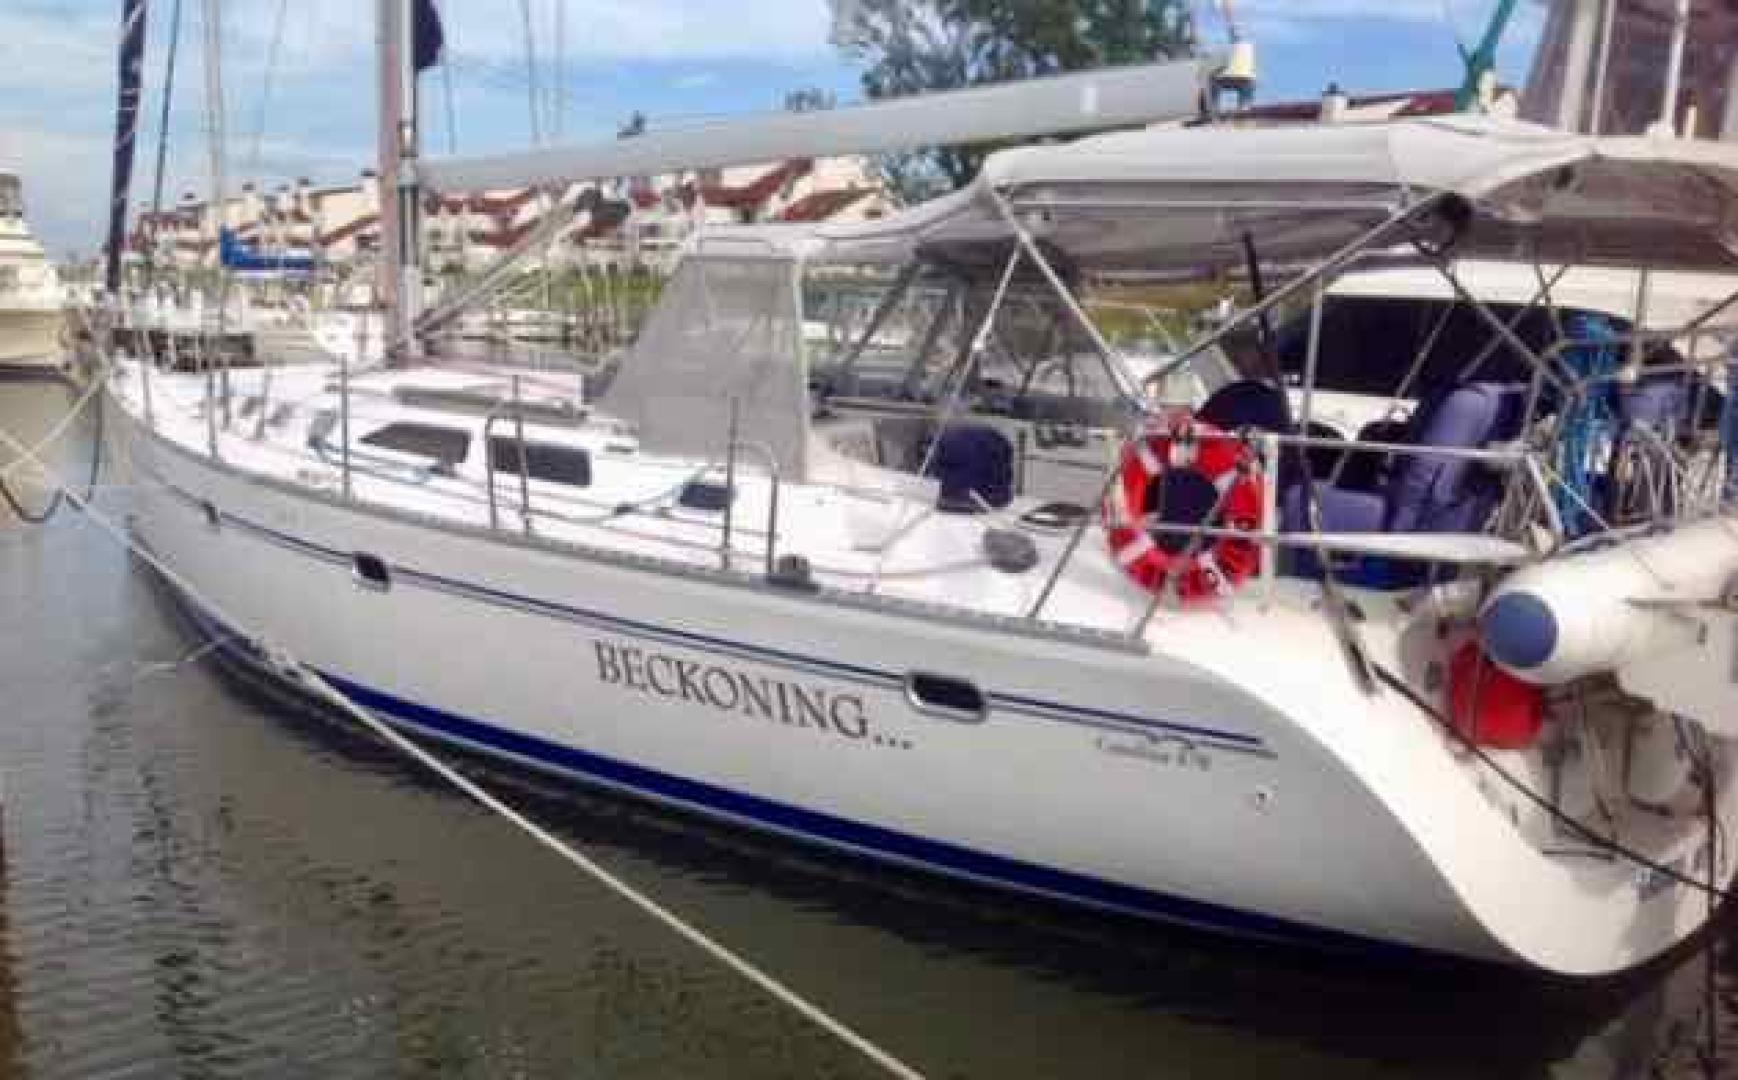 Catalina-470 2001-Beckoning Annapolis-Maryland-United States-1282817 | Thumbnail